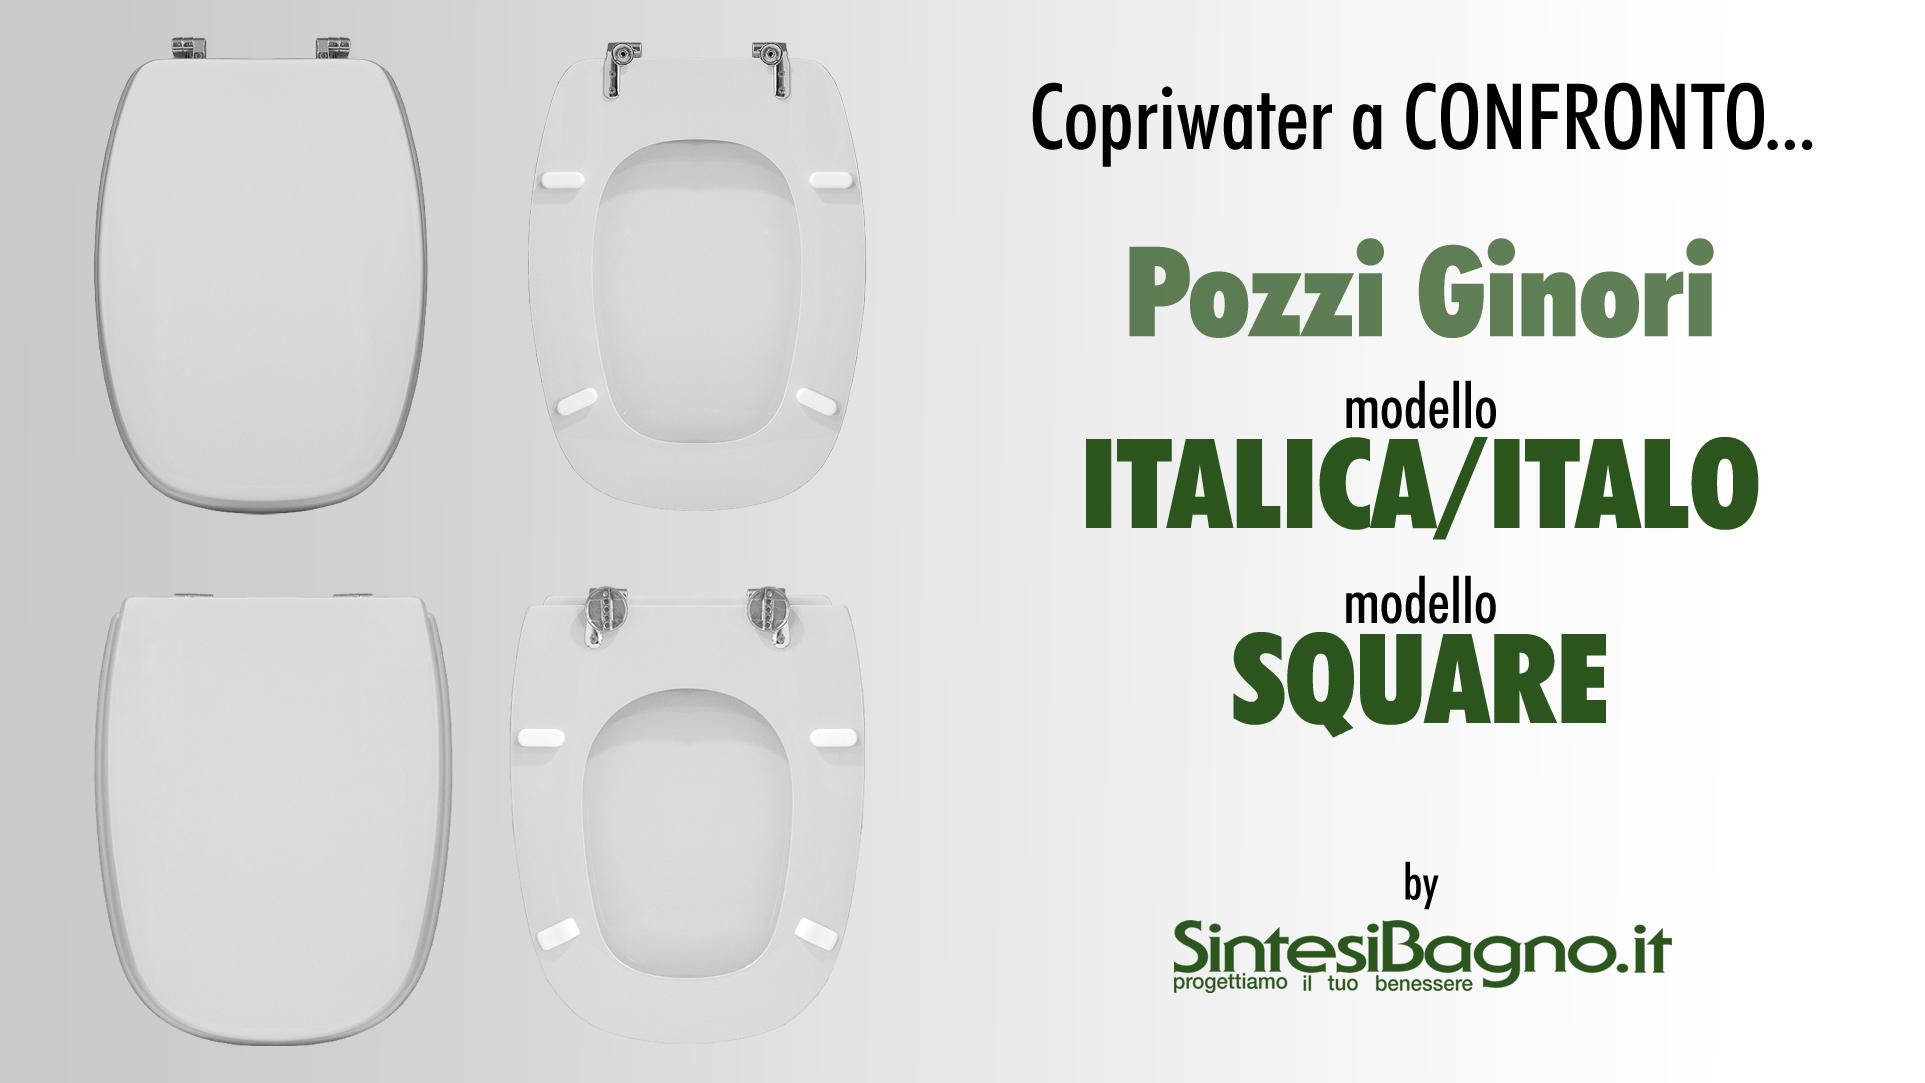 Copriwater POZZI GINORI ITALICA/ITALO e SQUARE